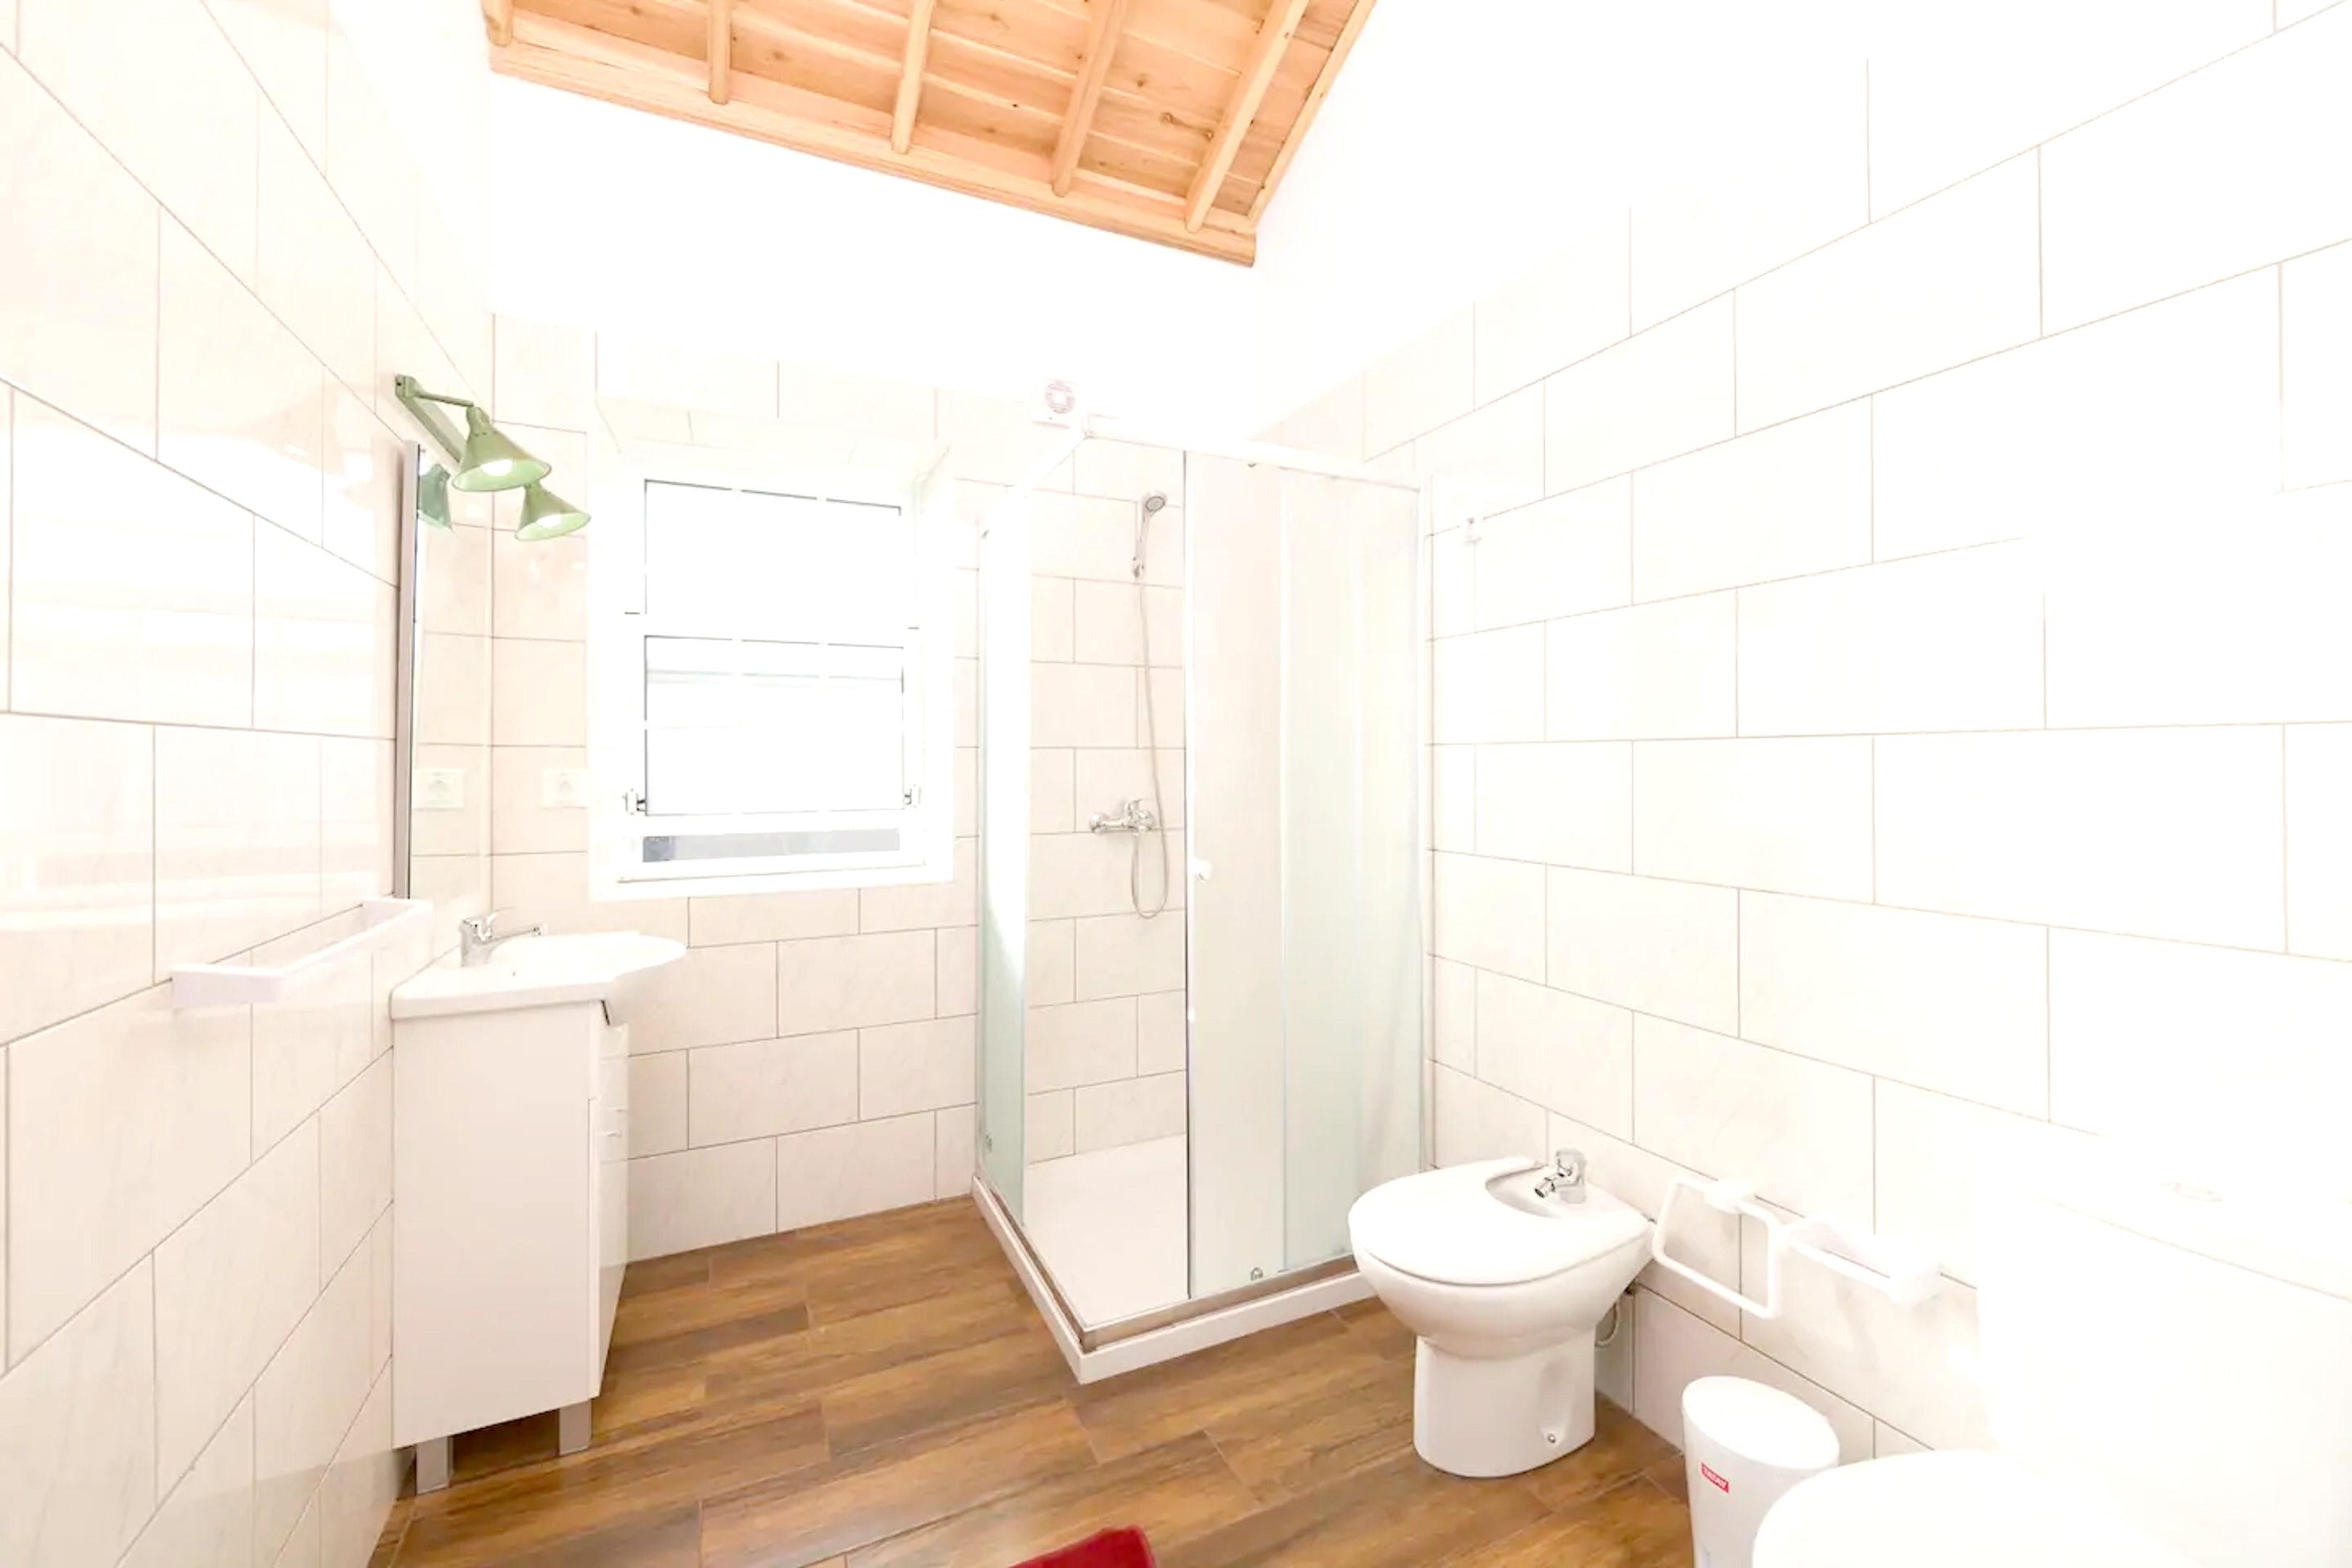 Ferienhaus Haus mit einem Schlafzimmer in Lajido mit herrlichem Meerblick, Pool, eingezäuntem Garten (2663919), São Roque do Pico, Pico, Azoren, Portugal, Bild 7